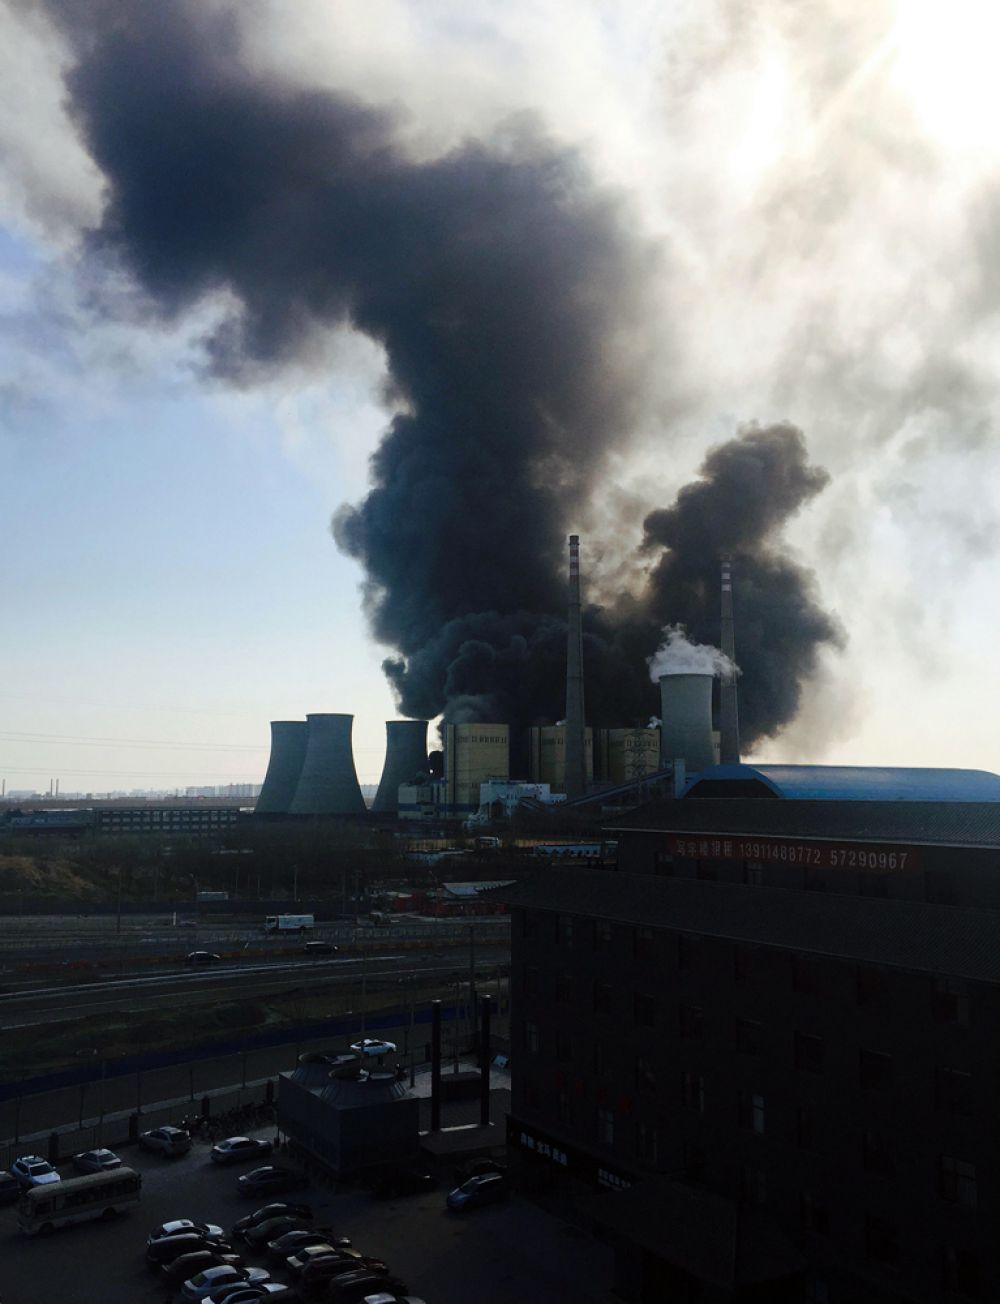 13 марта. Дым от пожара на электростанции в Пекине, которая производит 10 процентов всей электроэнергии города.